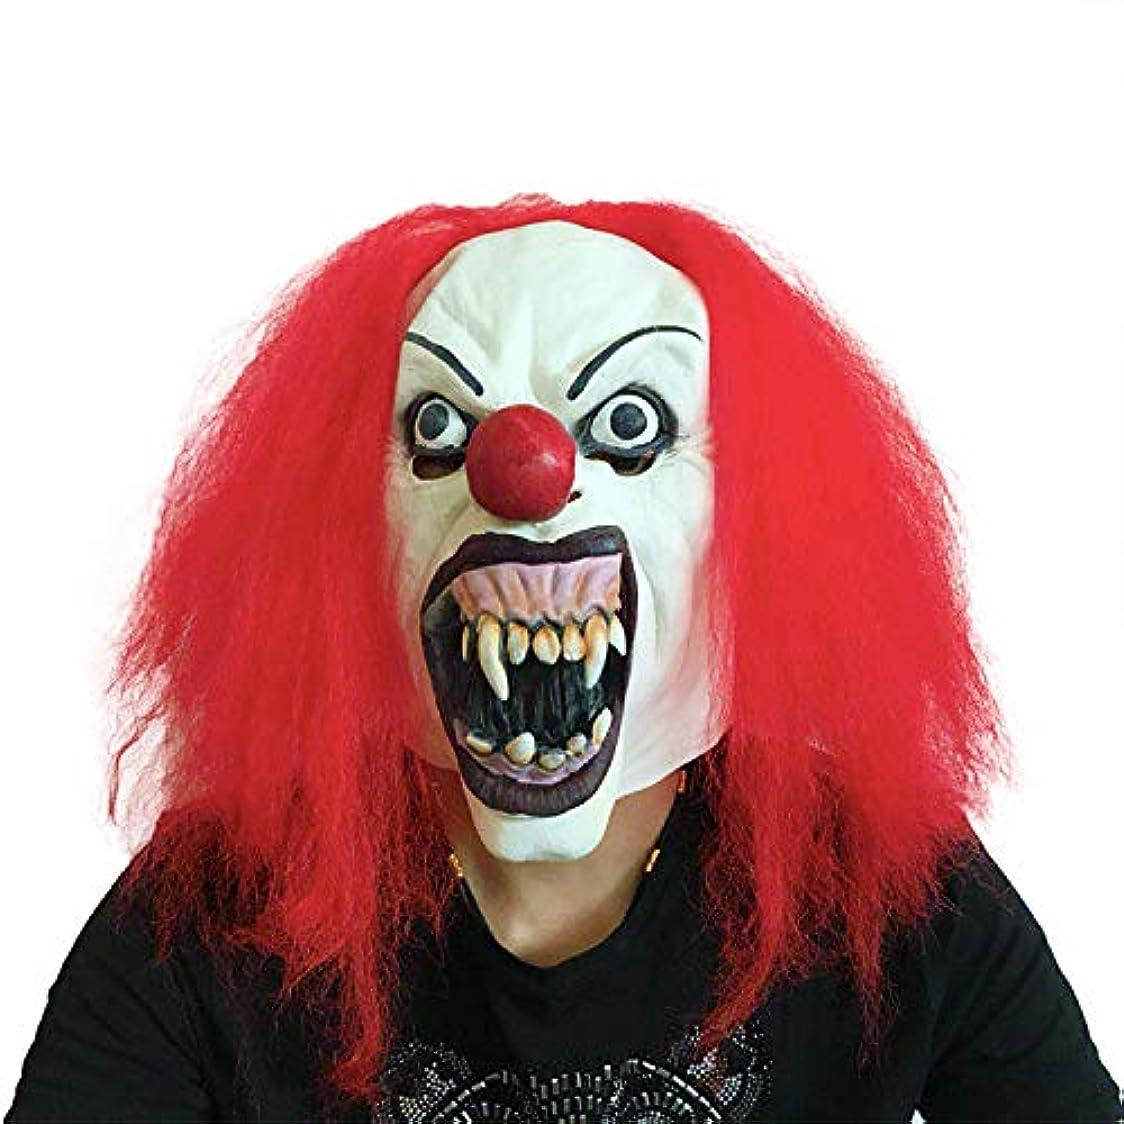 再現するロケット不誠実ハロウィーン仮装パフォーマンスをマスクおかしいピエロは、スプーフィング赤毛の幽霊を怖い小道具ショー